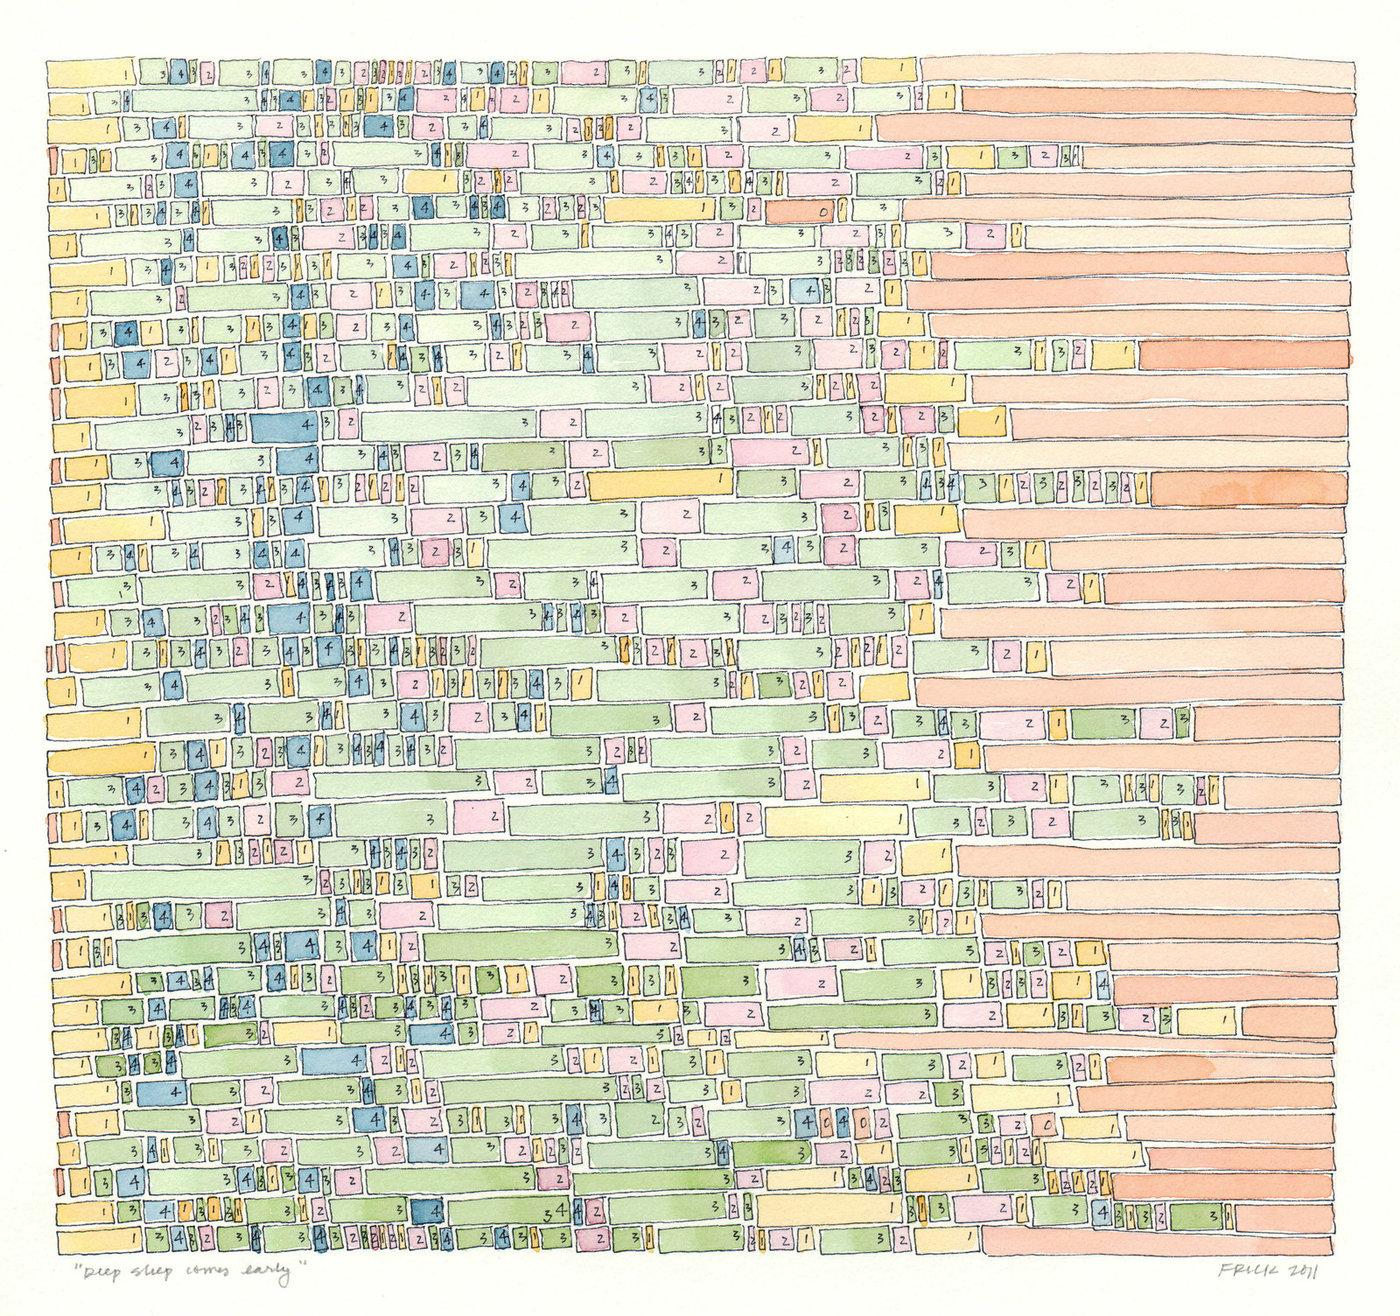 它创造了墨水和水彩图画可视化每日活动图表和睡眠数据。